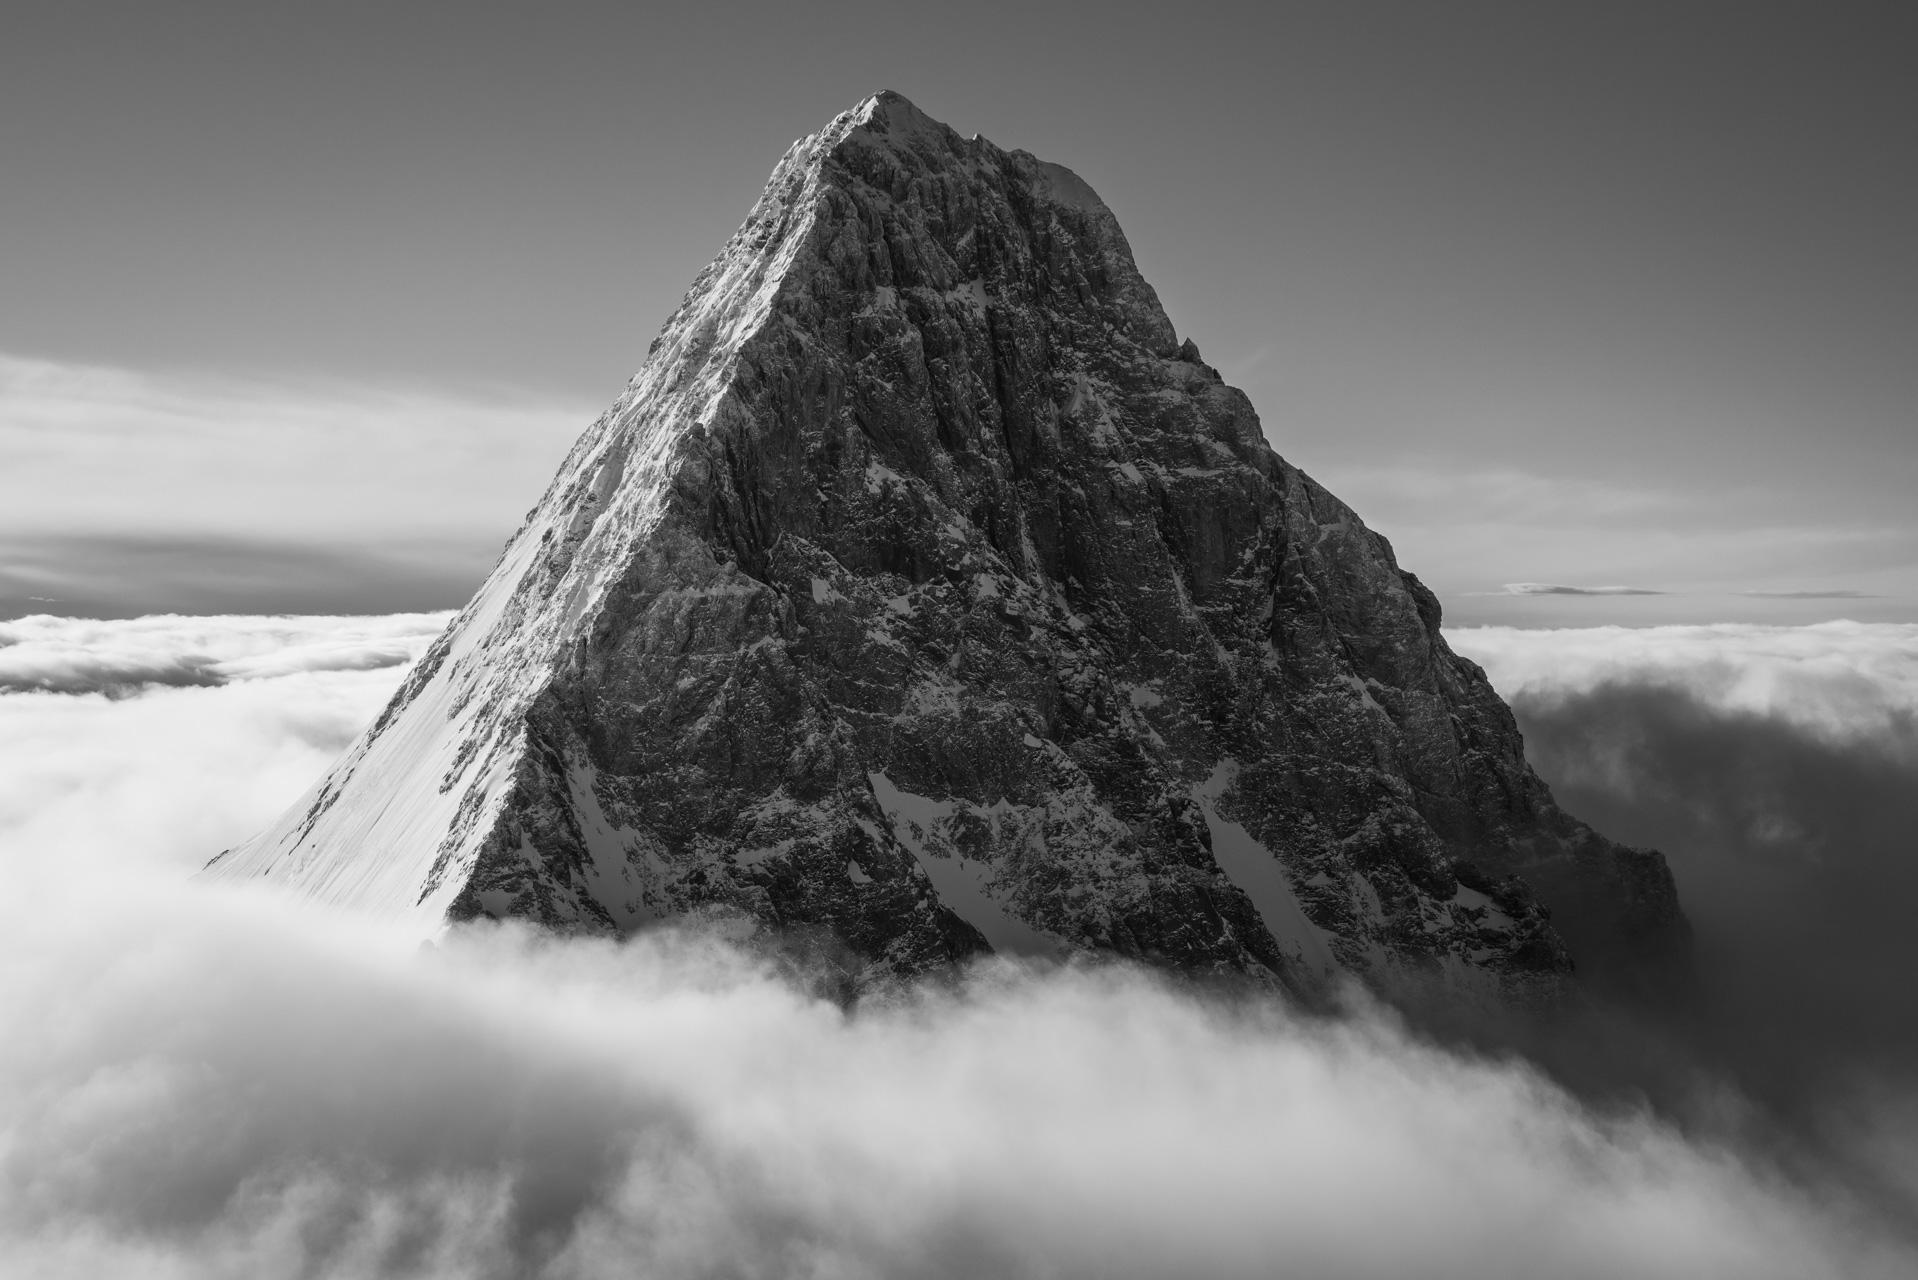 Photographie du Schreckhorn - Vue sur un des géants de Grindelwald, le Schreckhorn - Portrait du sommet sortant de la mer de nuages.